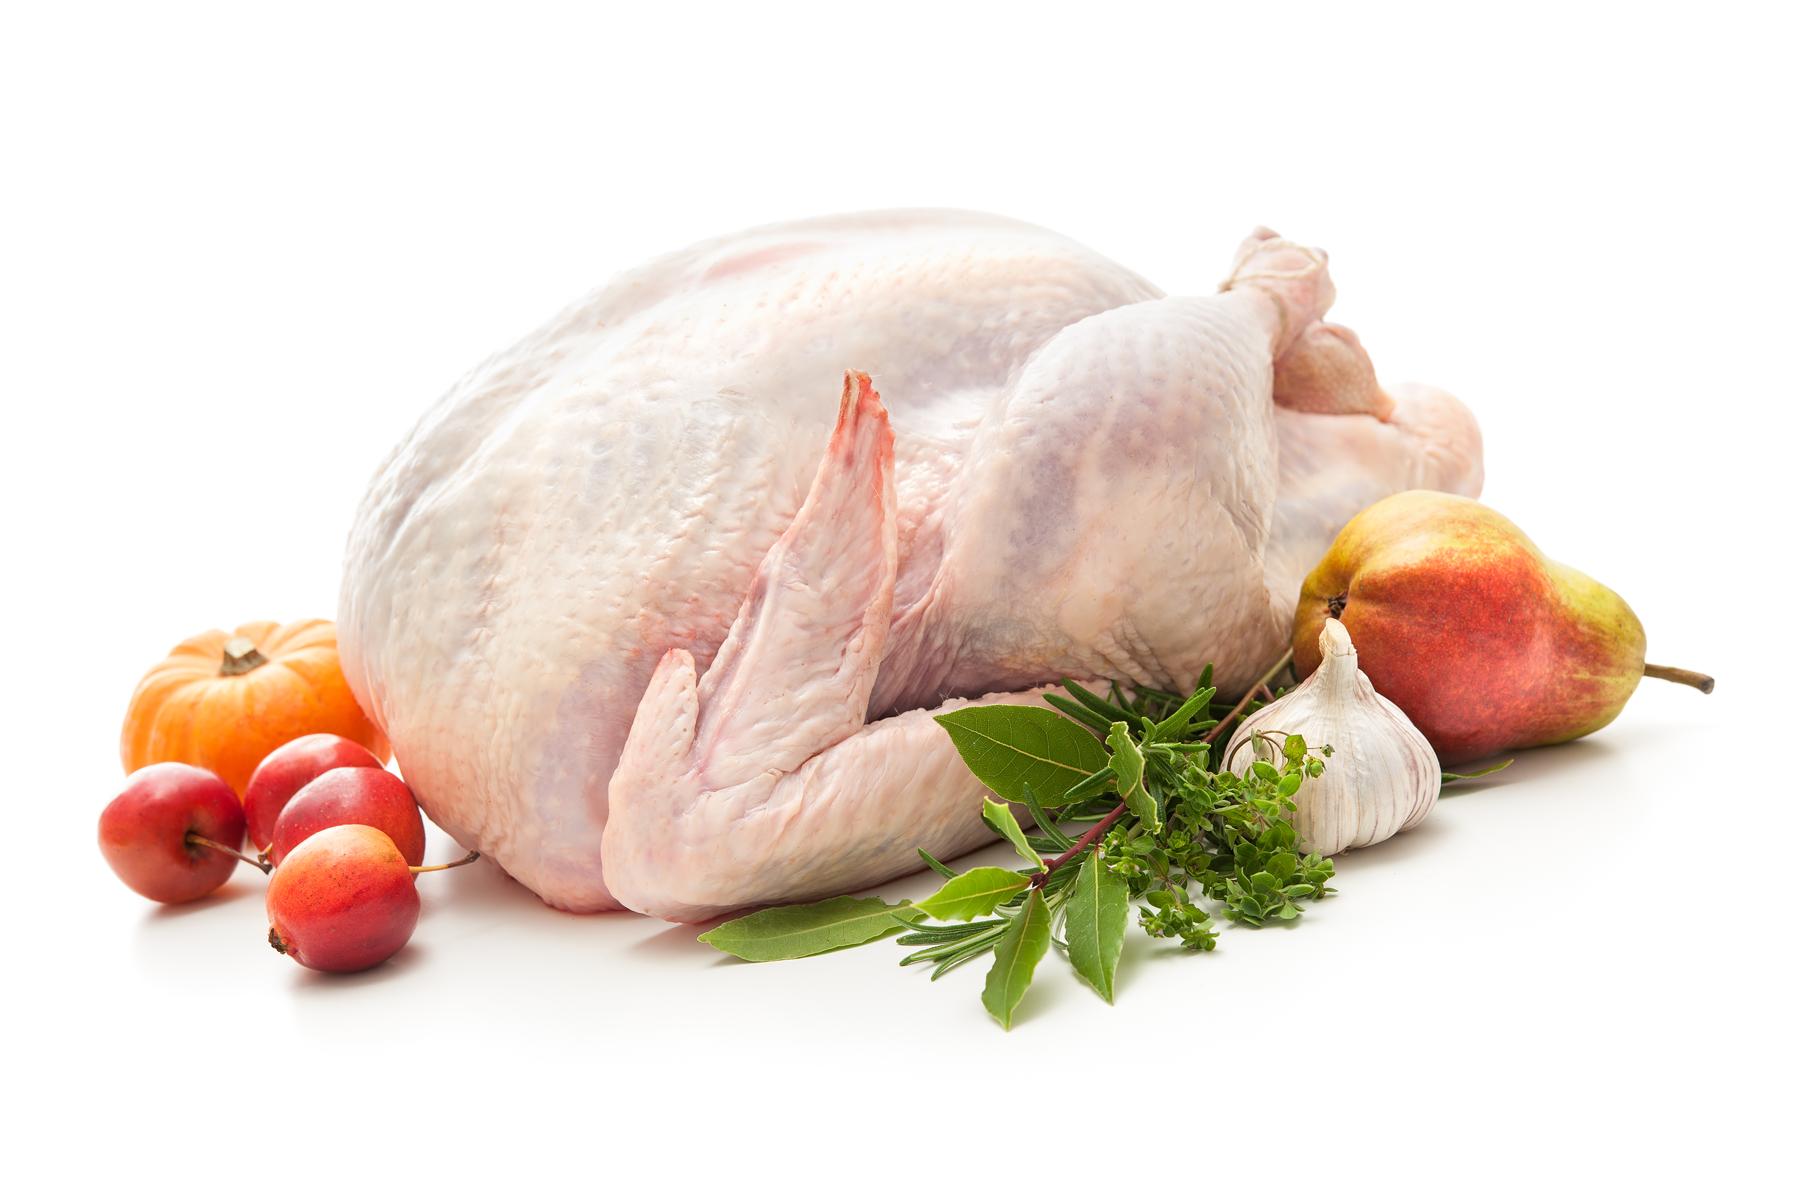 Whole Turkey, Glatt kosher